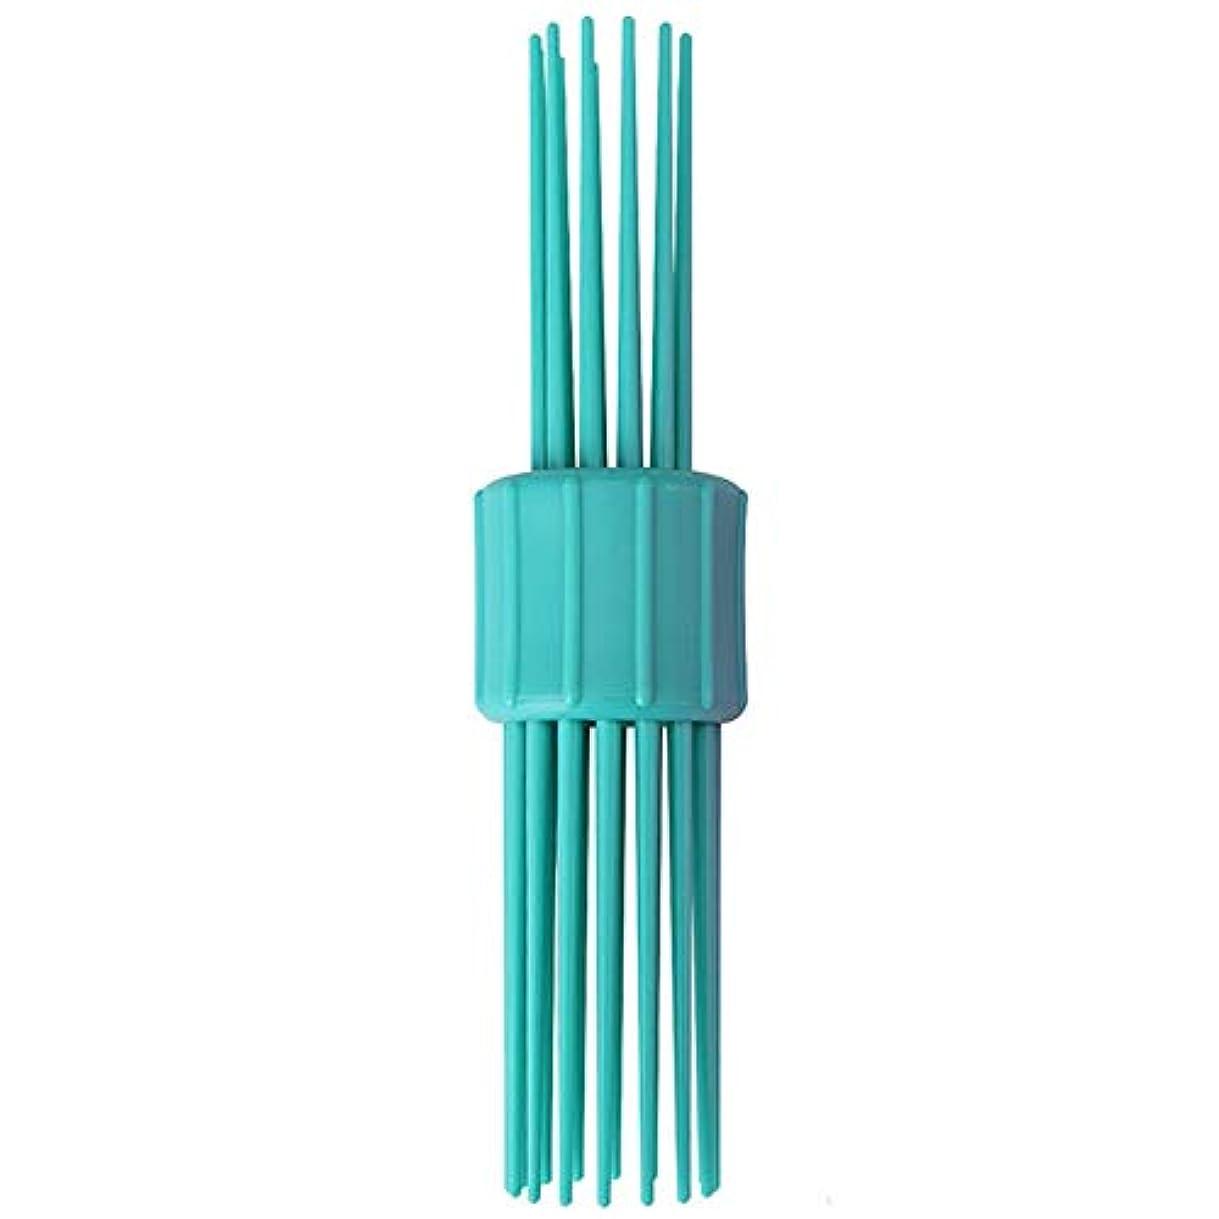 保守的バーうまポータブルリールヘアスタイリングヘアスタイリング波マジックペン多彩な毛の櫛毛の1つのDIYアクセサリーメーカー長く、中、短い髪(青)ツール